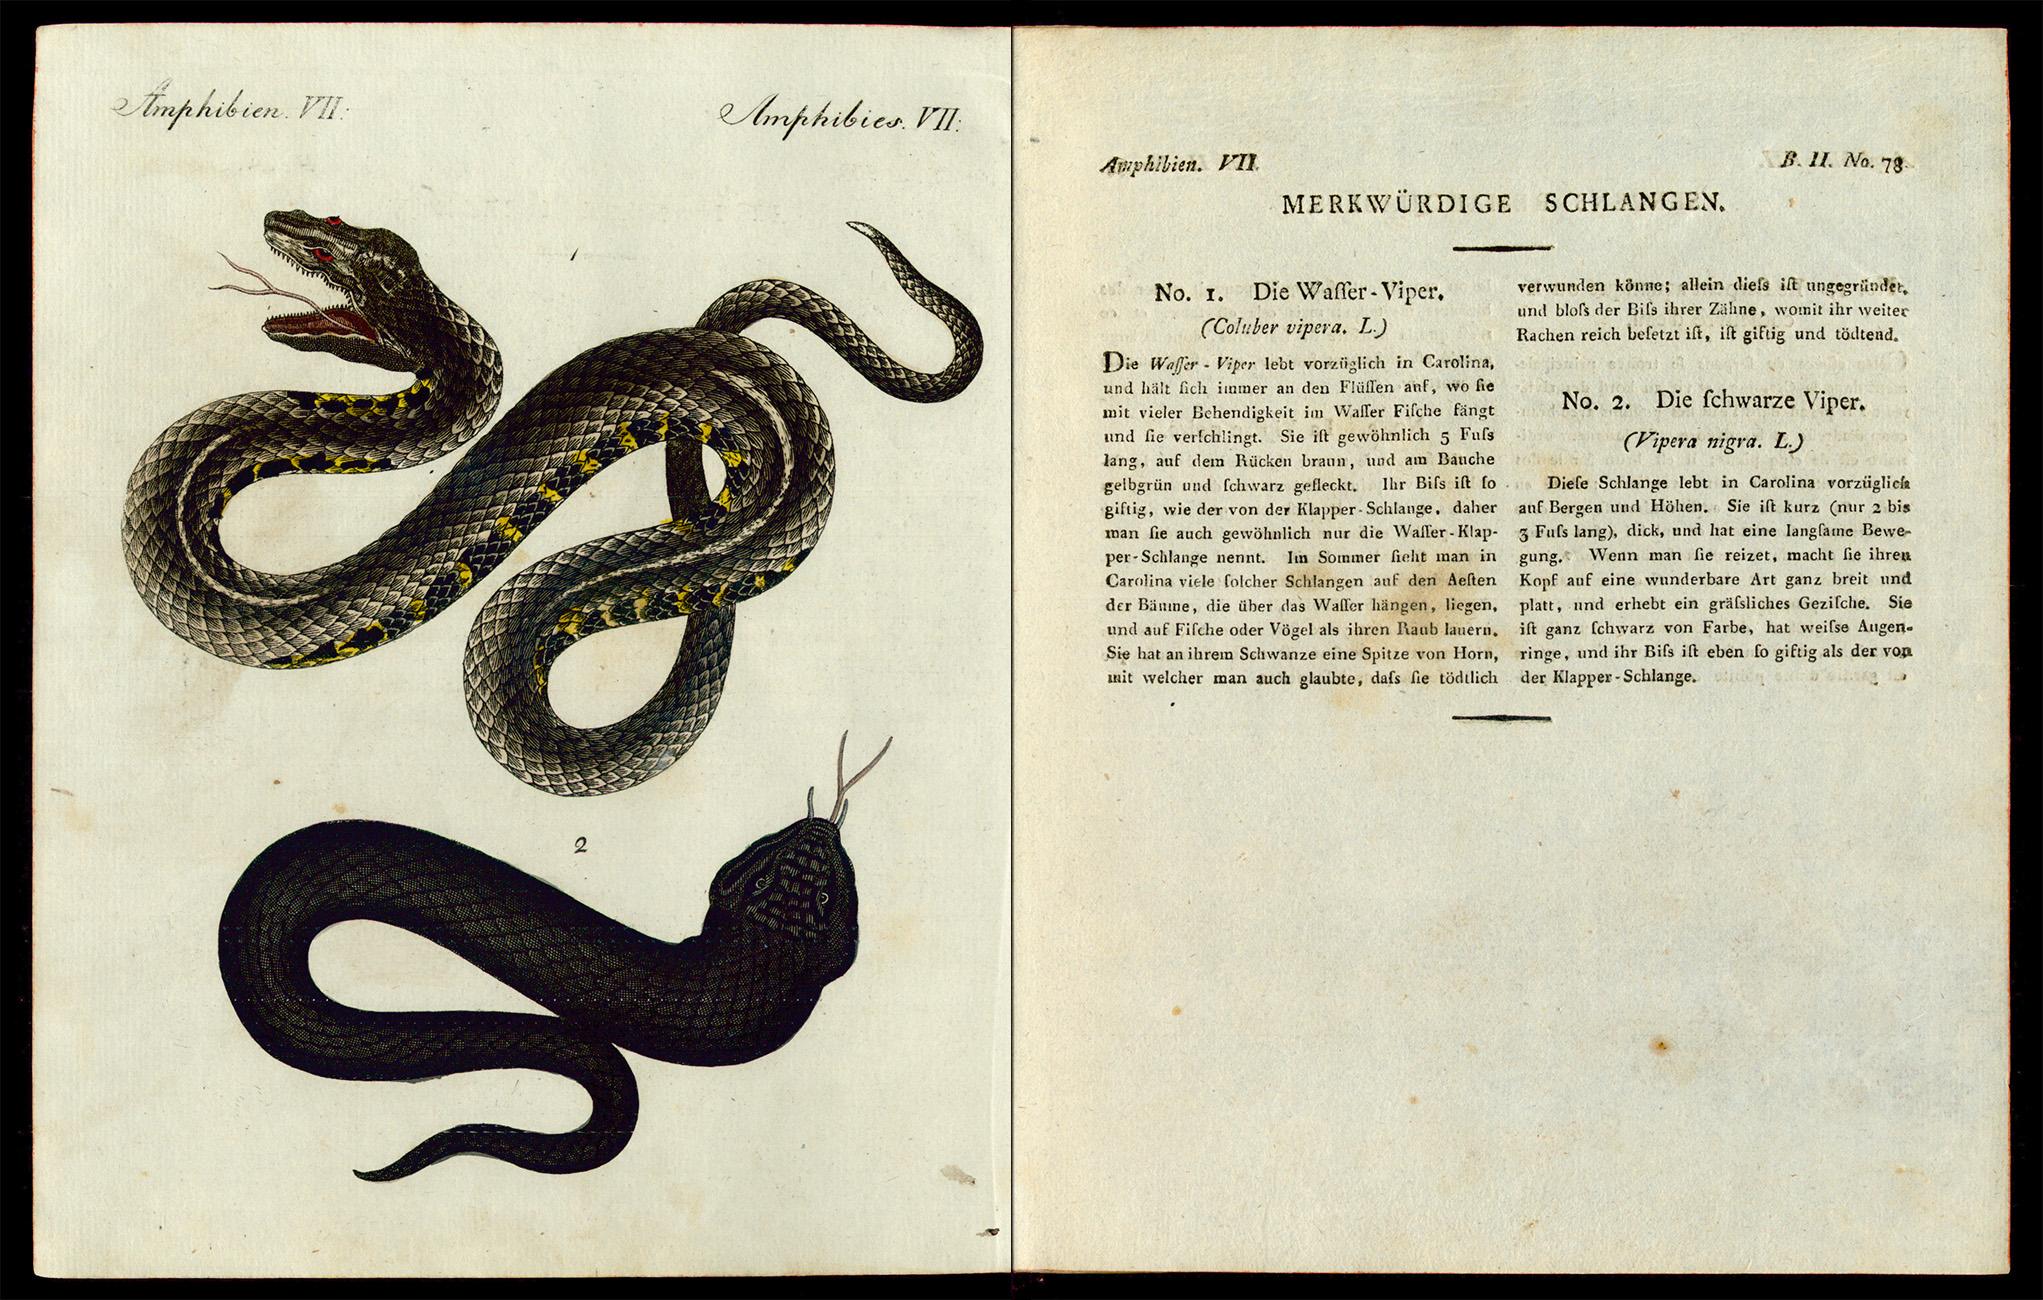 Friedrich Justin Bertuch, Bilderbuch für Kinder, B XXIII, 8-2 R, S. 322 und 323